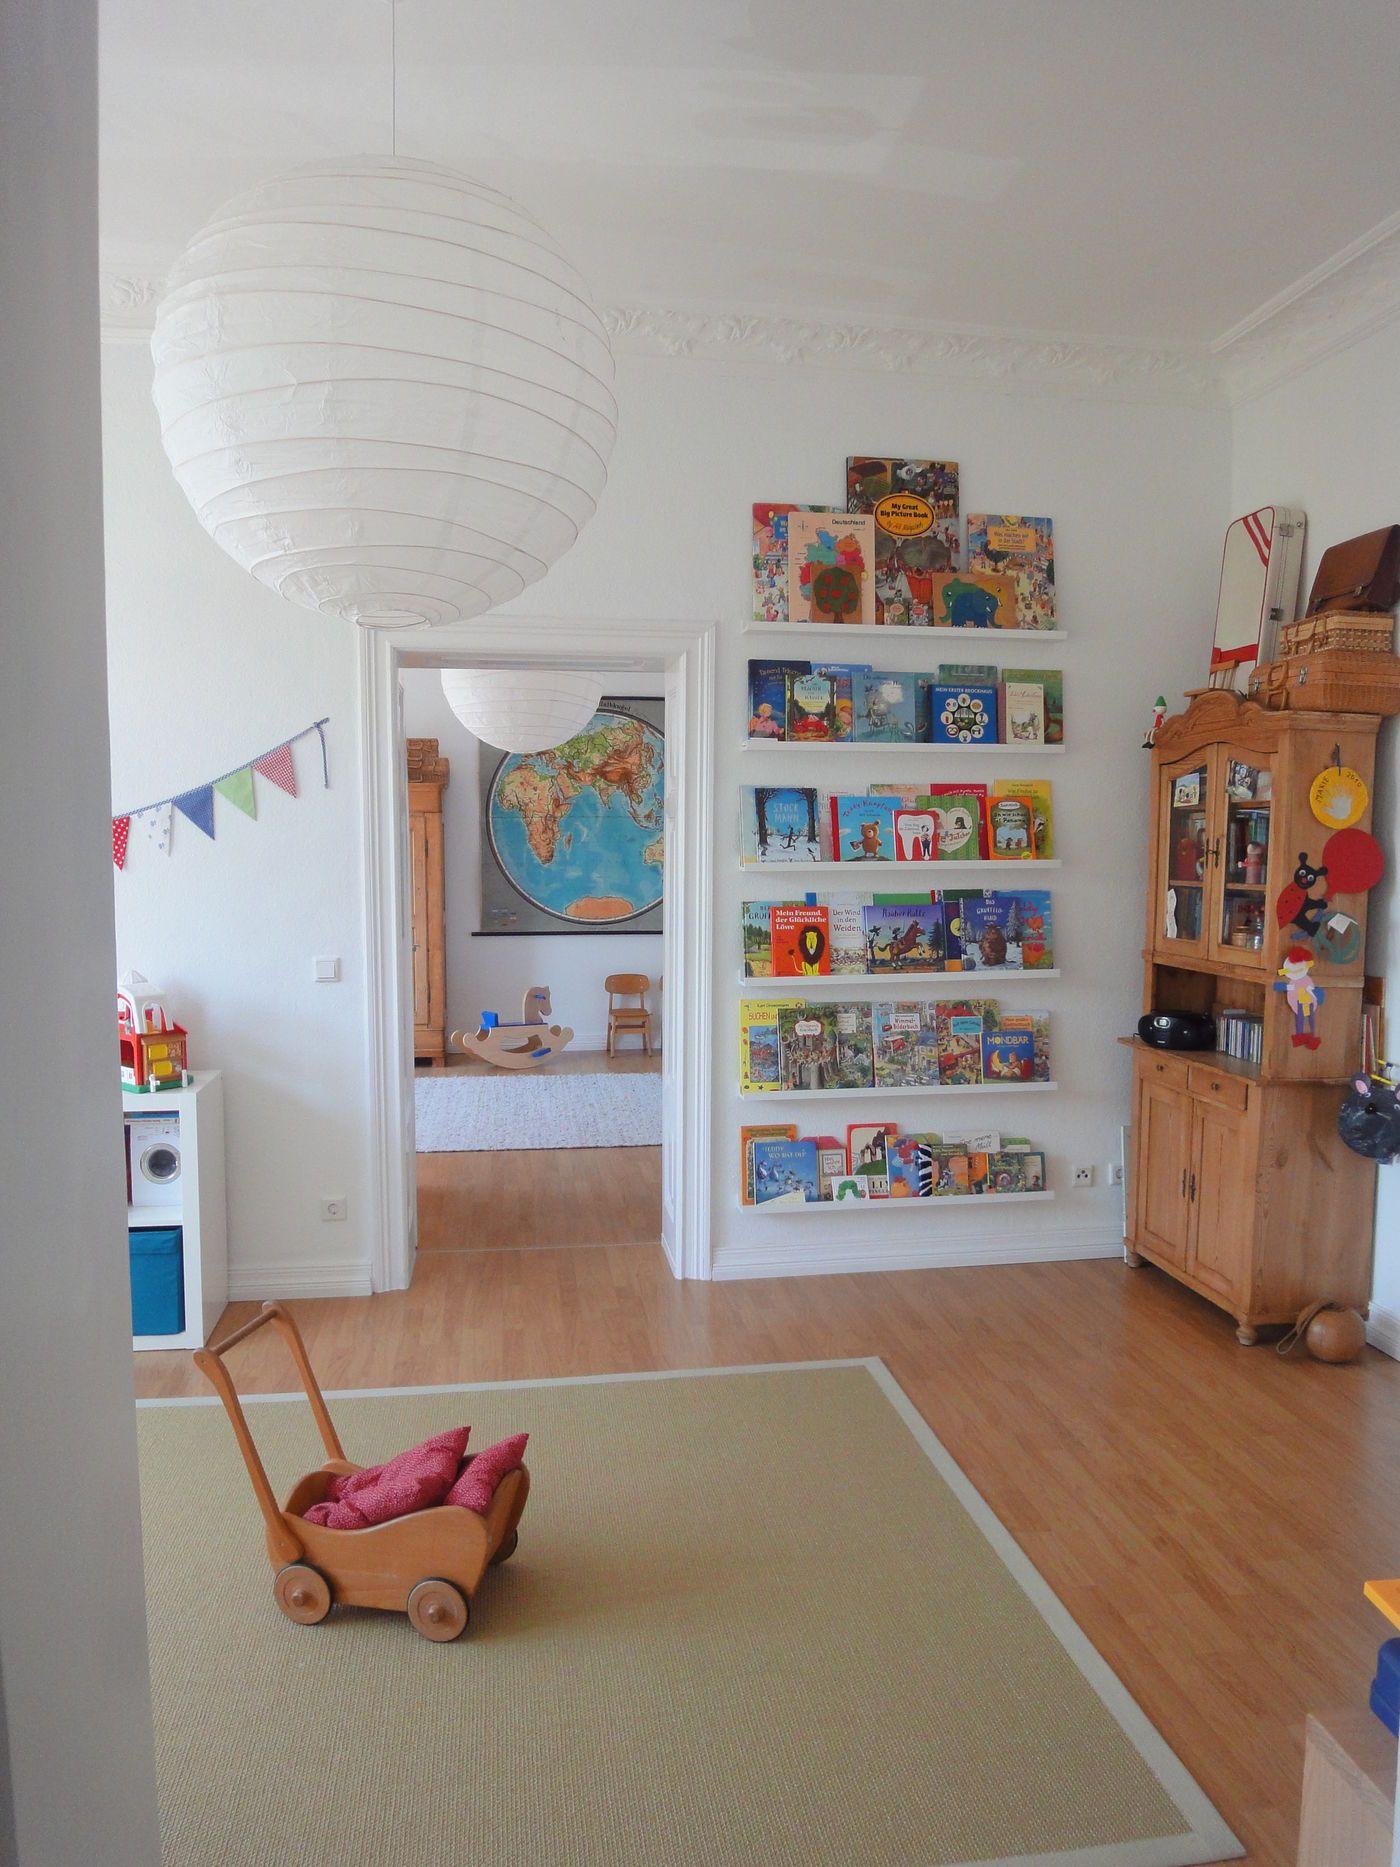 Full Size of Wandgestaltung Kinderzimmer Jungen Regal Weiß Sofa Regale Wohnzimmer Wandgestaltung Kinderzimmer Jungen